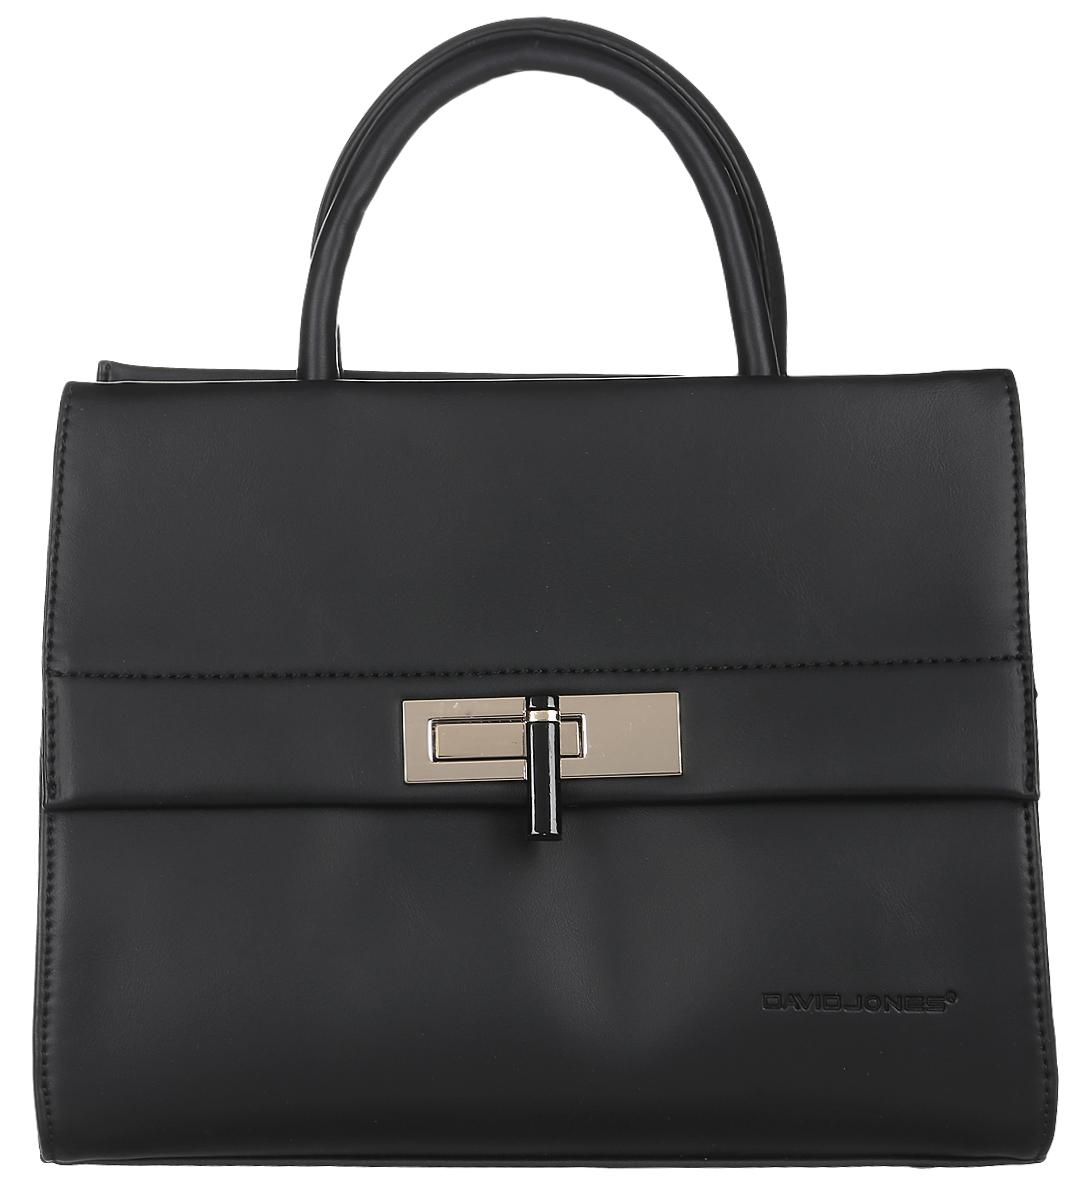 Сумка женская David Jones, цвет: черный. 5280-25280-2 BLACKСтильная женская сумка David Jones выполнена из искусственной кожи и текстиля. Изделие имеет одно основное отделение, которое закрывается на застежку-молнию. Внутри находятся прорезной карман на застежке-молнии и два накладных открытых кармана. Снаружи, на передней стенке расположен накладной карман, закрывающийся на клапан с поворотным замком, на задней стенке - прорезной карман на застежке-молнии. Изделие оснащено двумя удобными ручками. В комплект входит съемный регулируемый наплечный ремень. Основание изделия защищено от повреждений металлическими ножками. Роскошная сумка внесет элегантные нотки в ваш образ и подчеркнет ваше отменное чувство стиля.